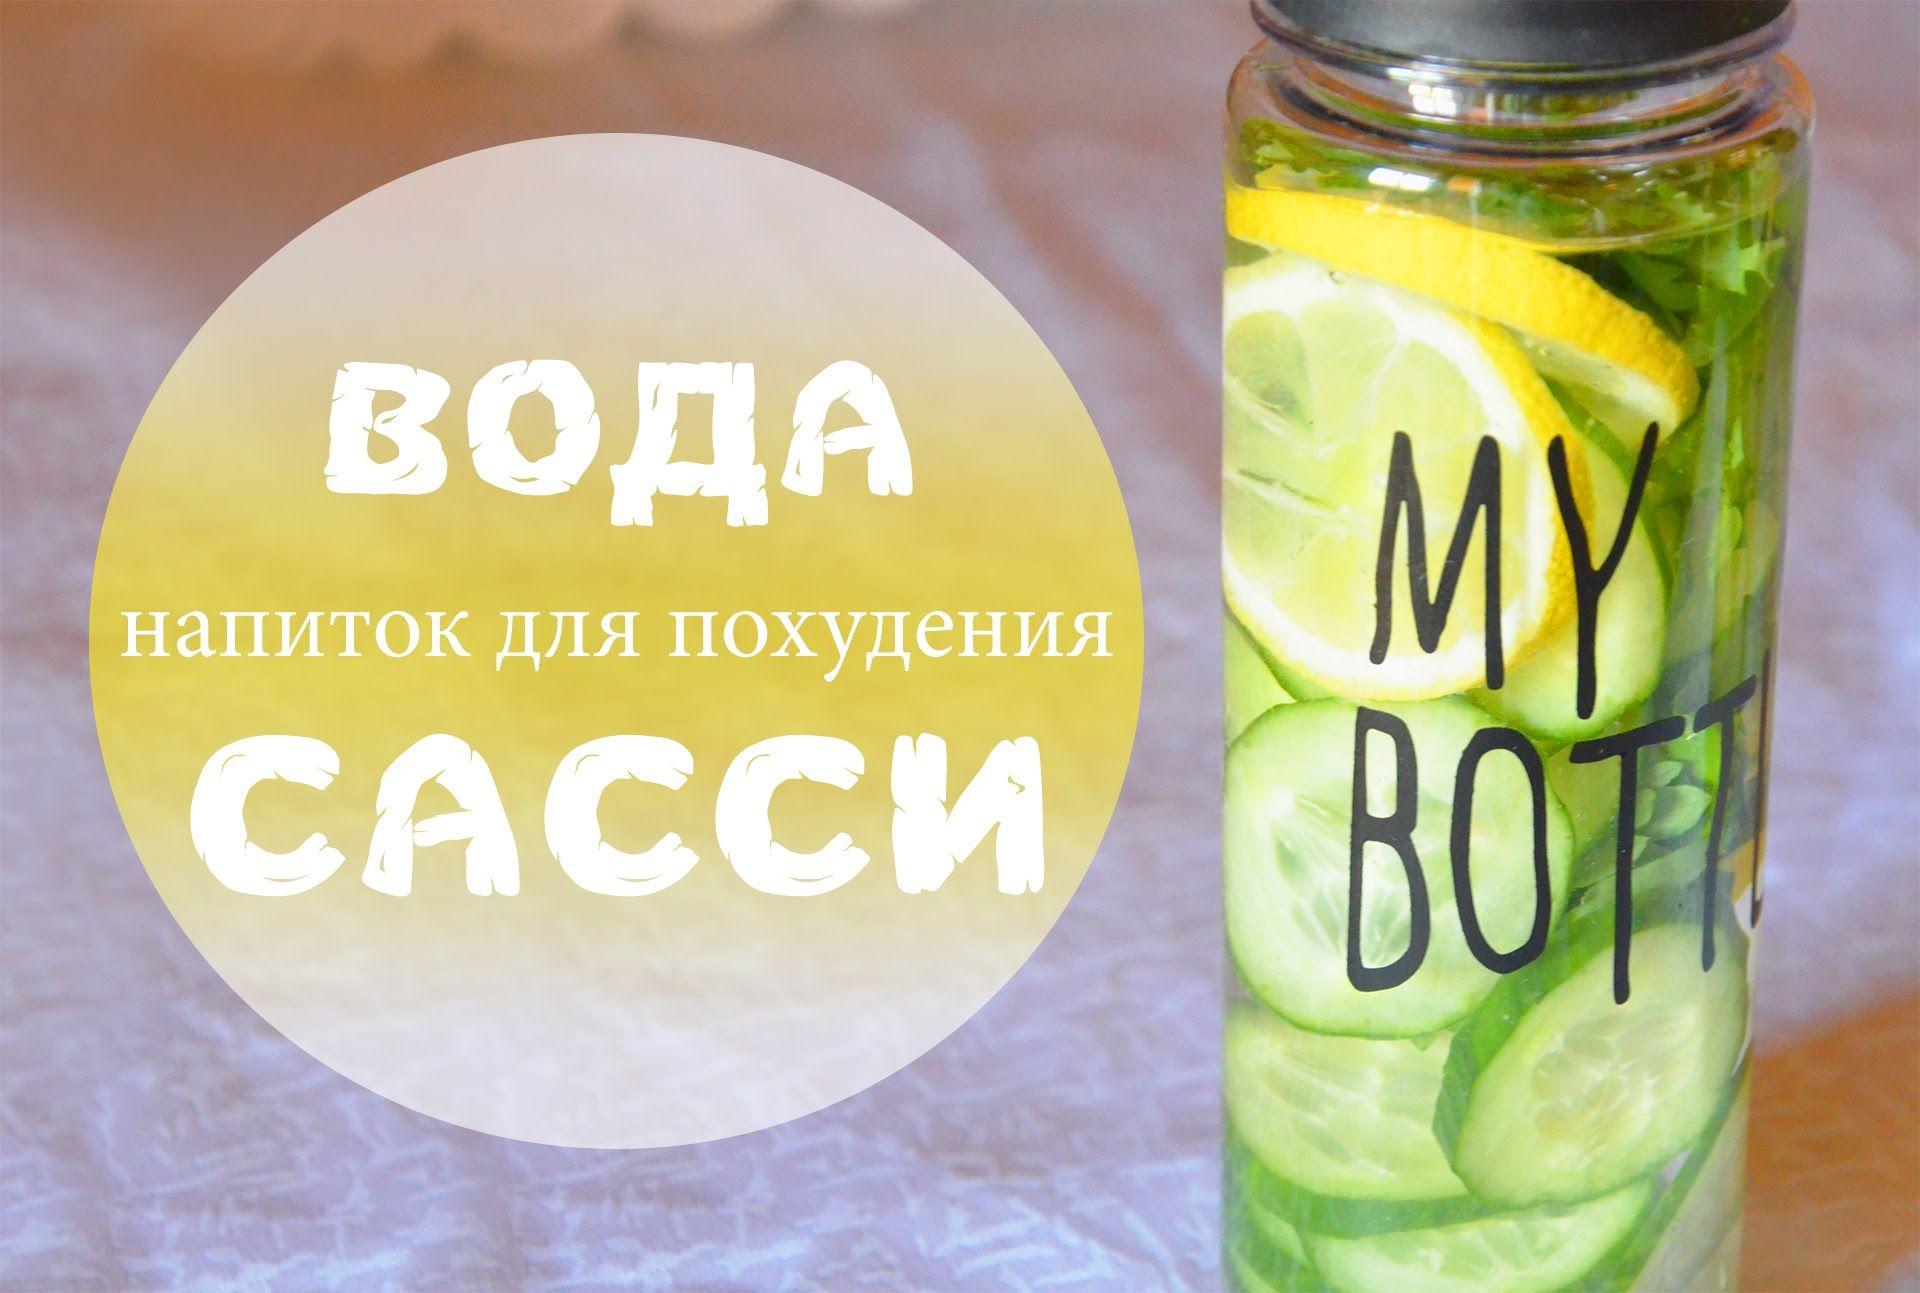 Название Воды Для Похудения. Бодрящая вода Сасси для здоровья и похудения